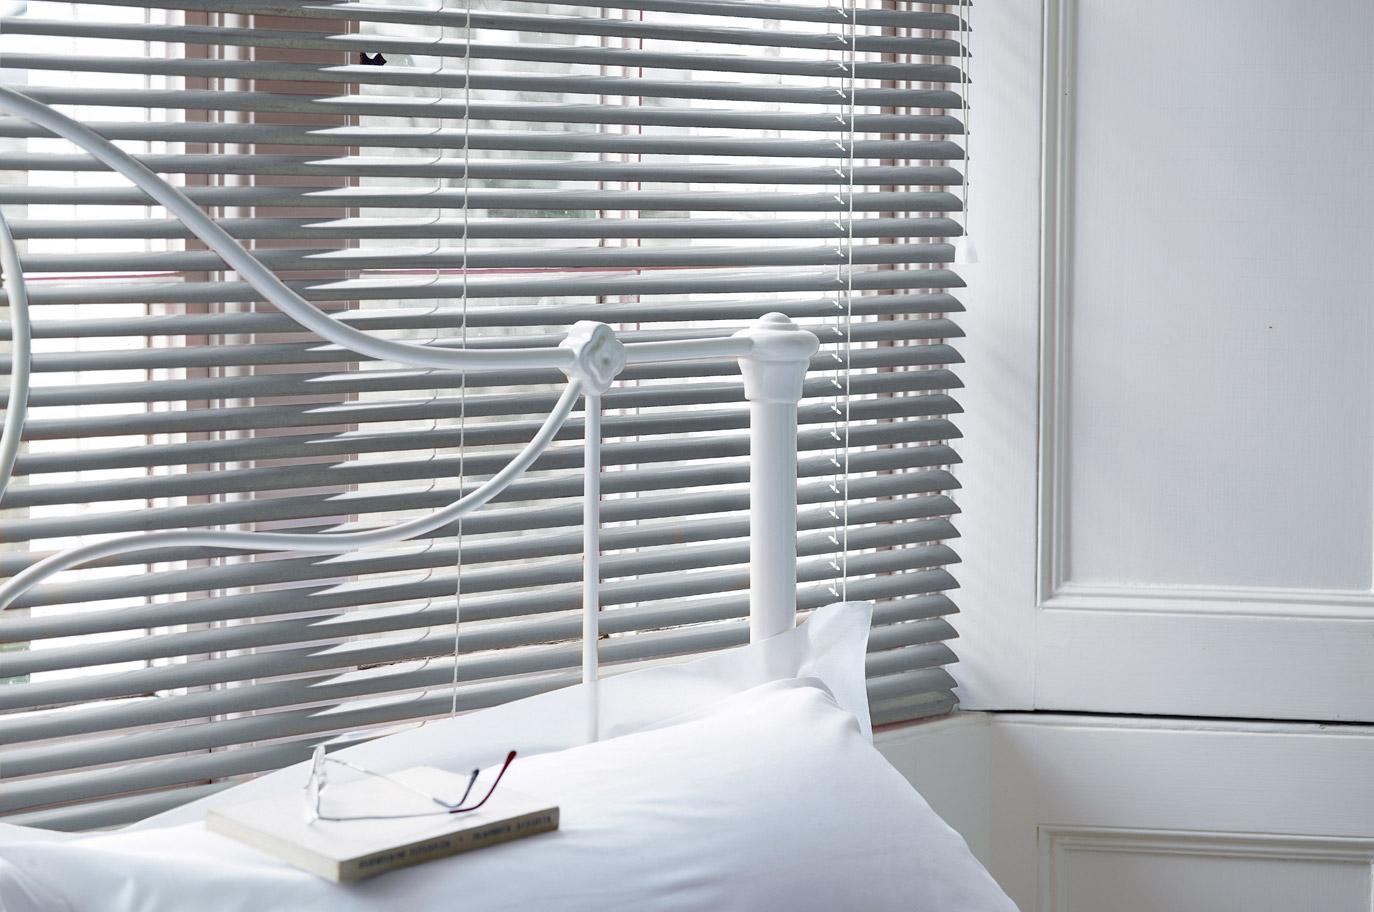 Aluminum slats for 25mm venetian shutters buy aluminium - Aluminium Venetian Blinds Sunrise Shutters Blindssunrise Shutters Blinds